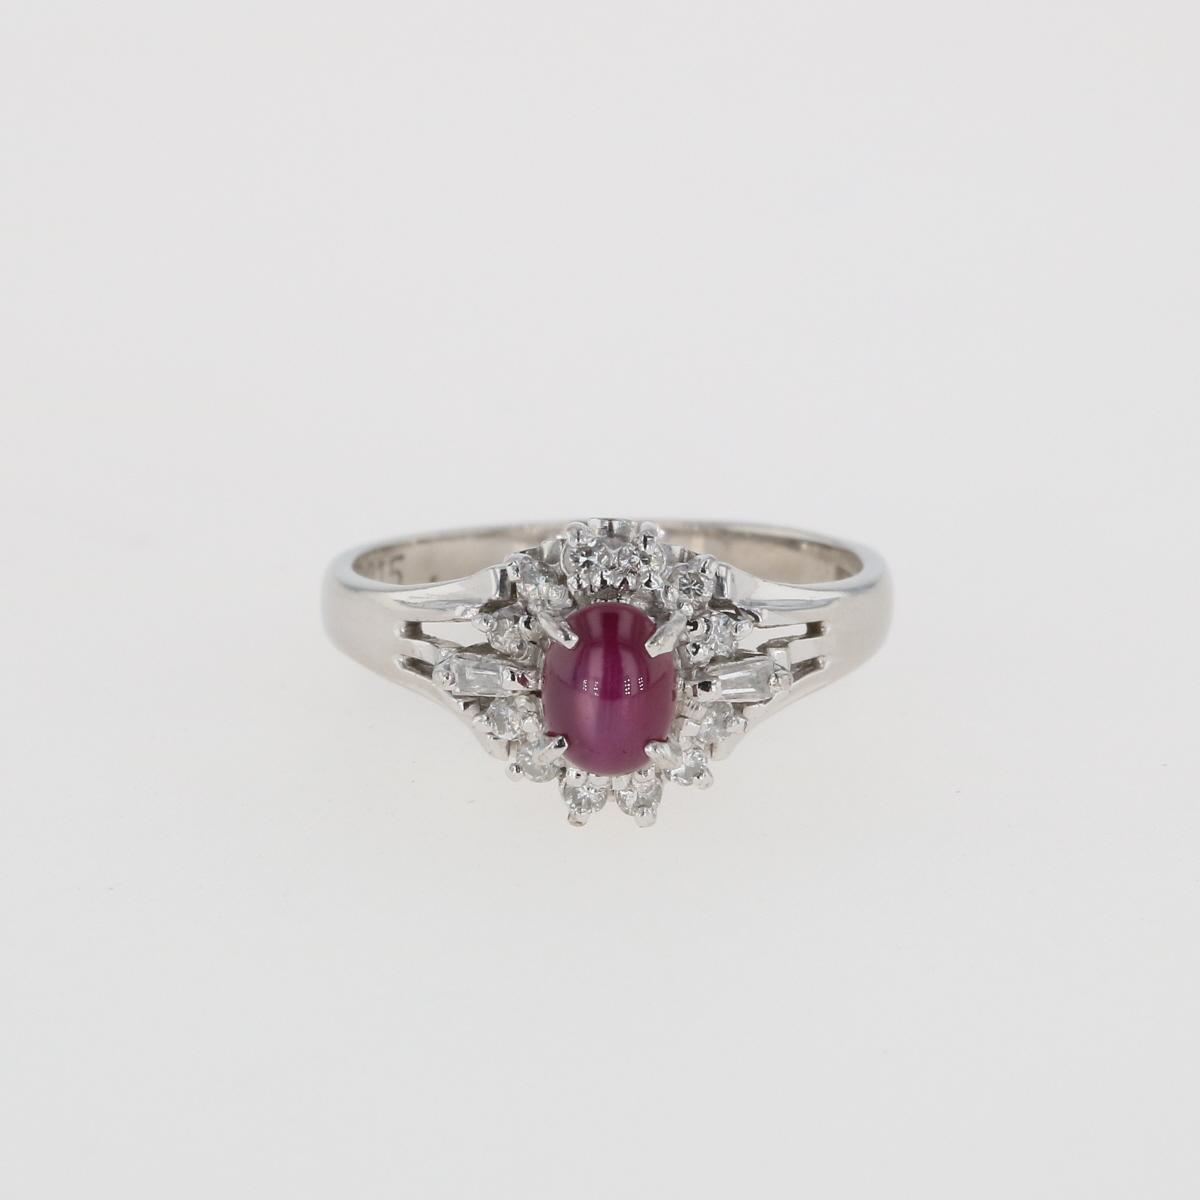 USED 送料無料 スタールビー デザインリング プラチナ 指輪 メレダイヤ !超美品再入荷品質至上! ついに入荷 Pt900 8号 レディース 中古 リング ダイヤモンド